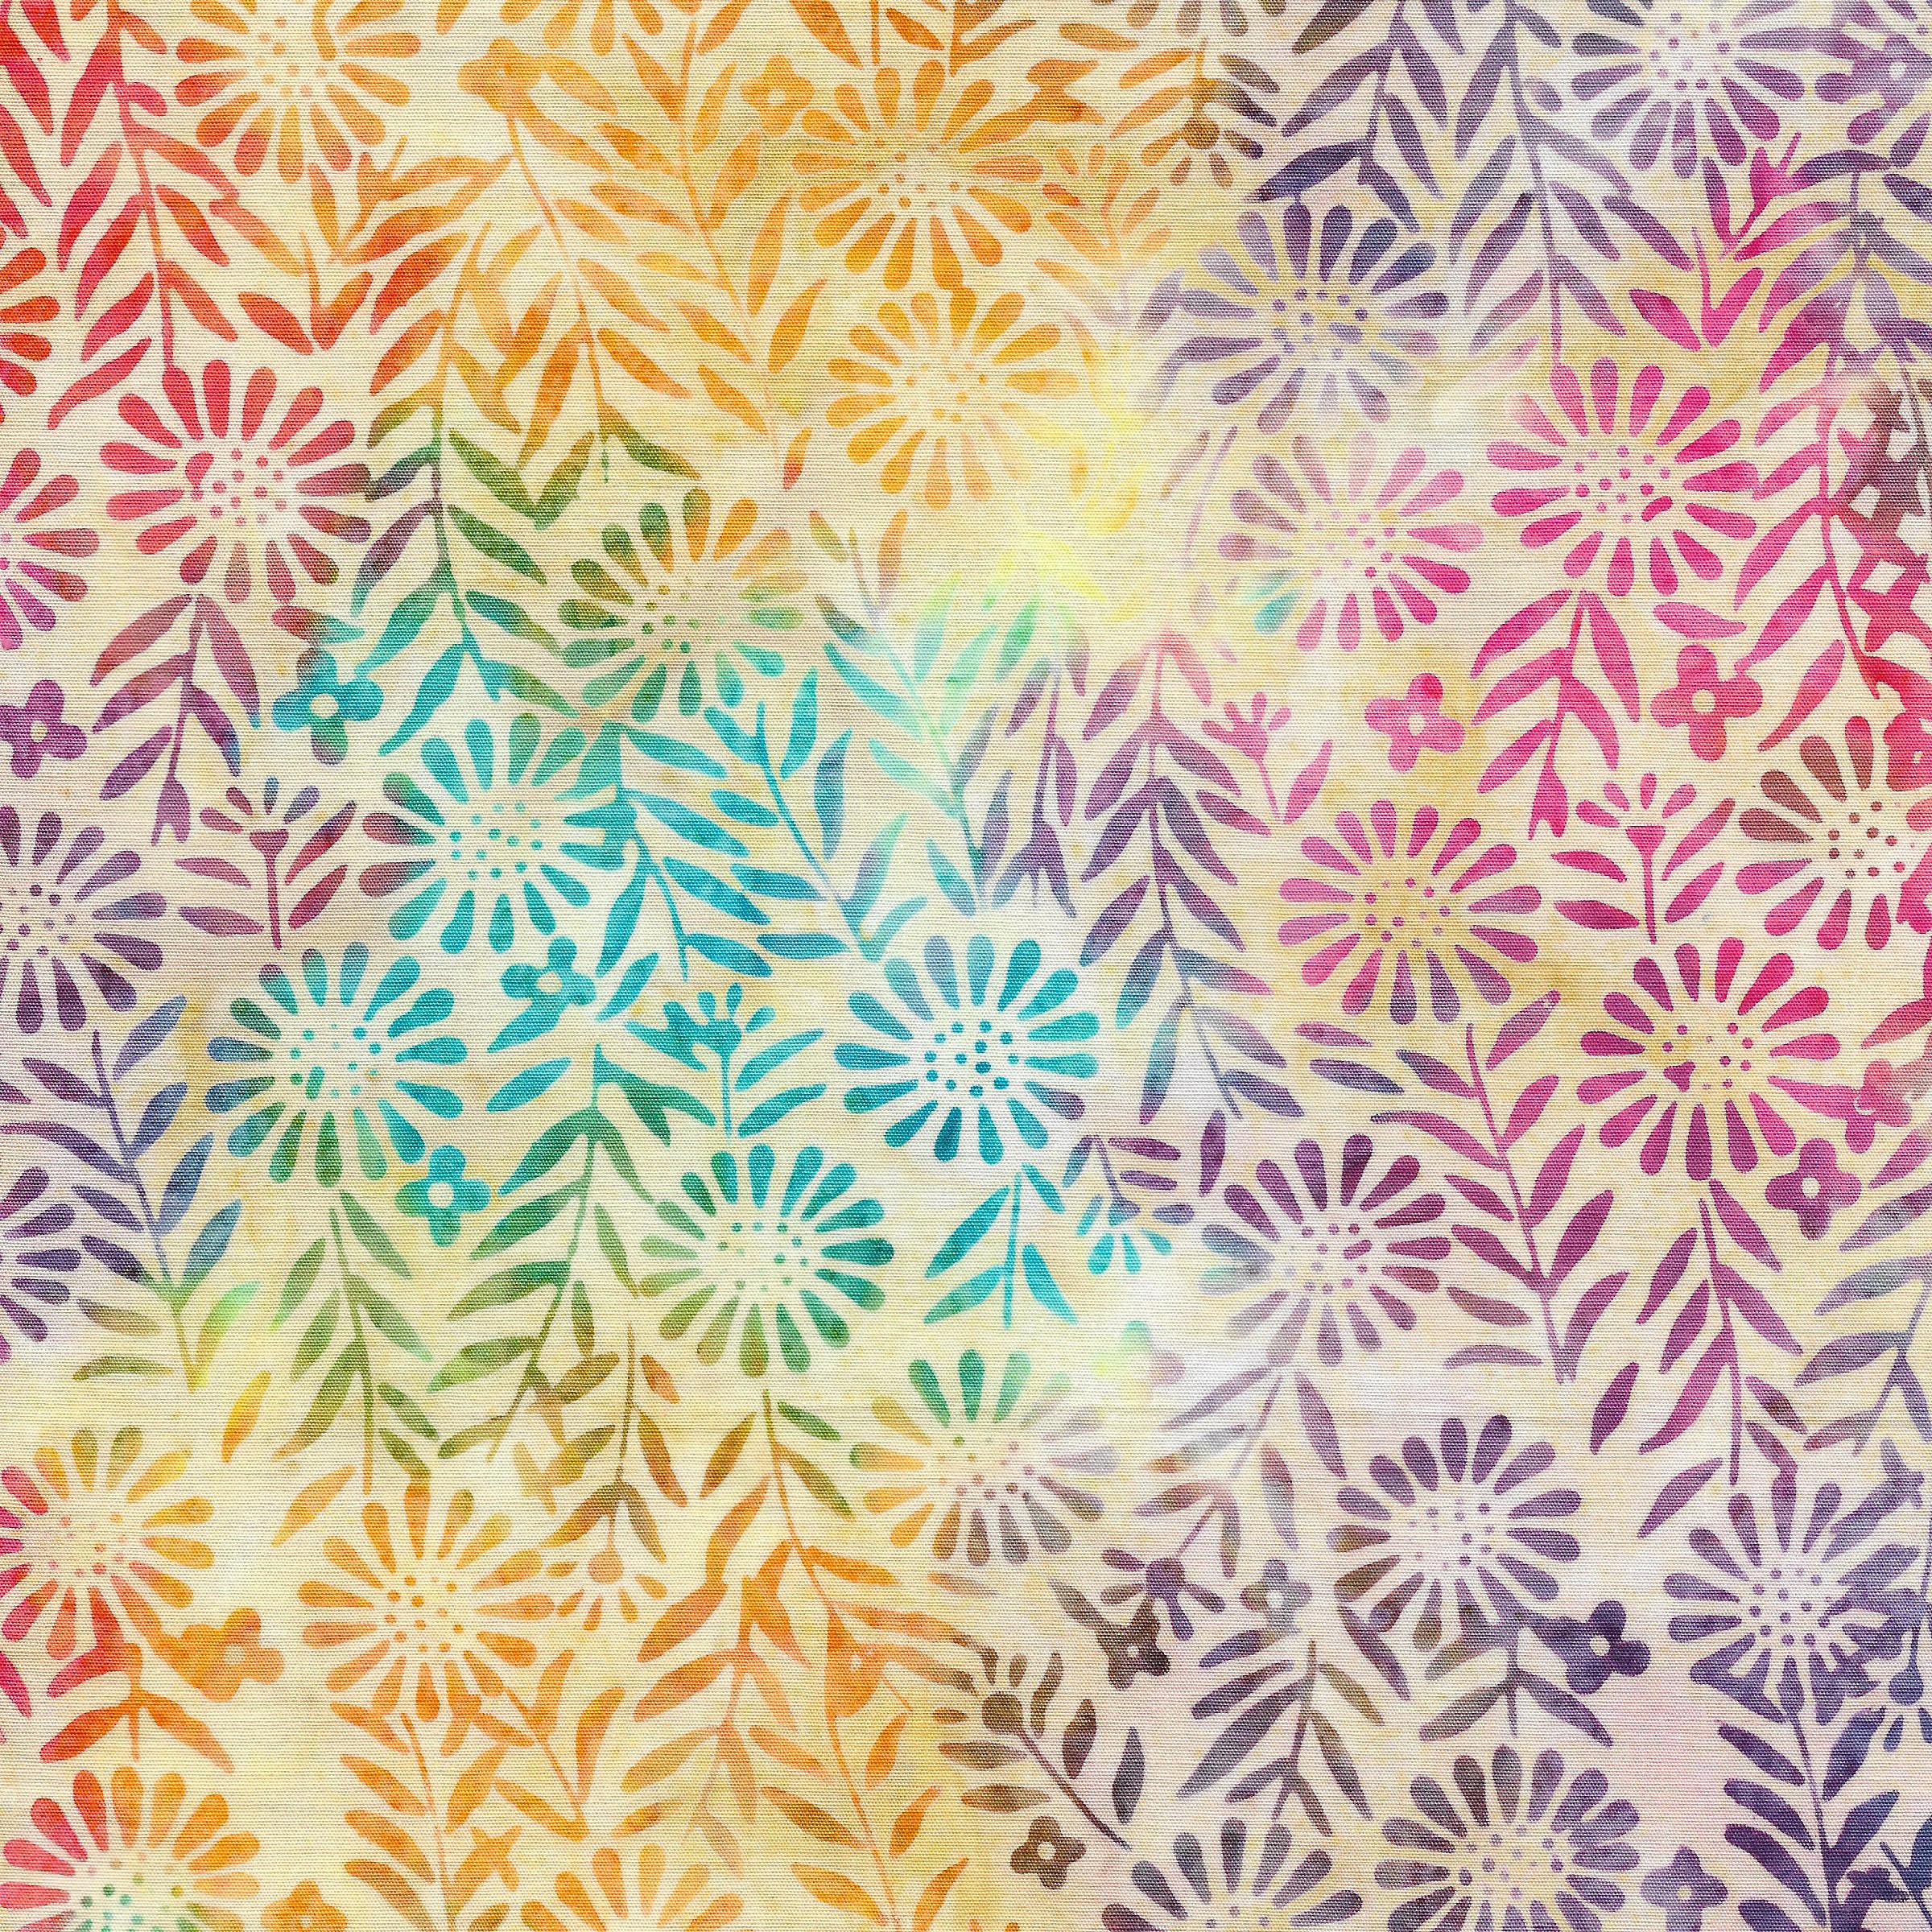 121816013 / Flower Field -RIce